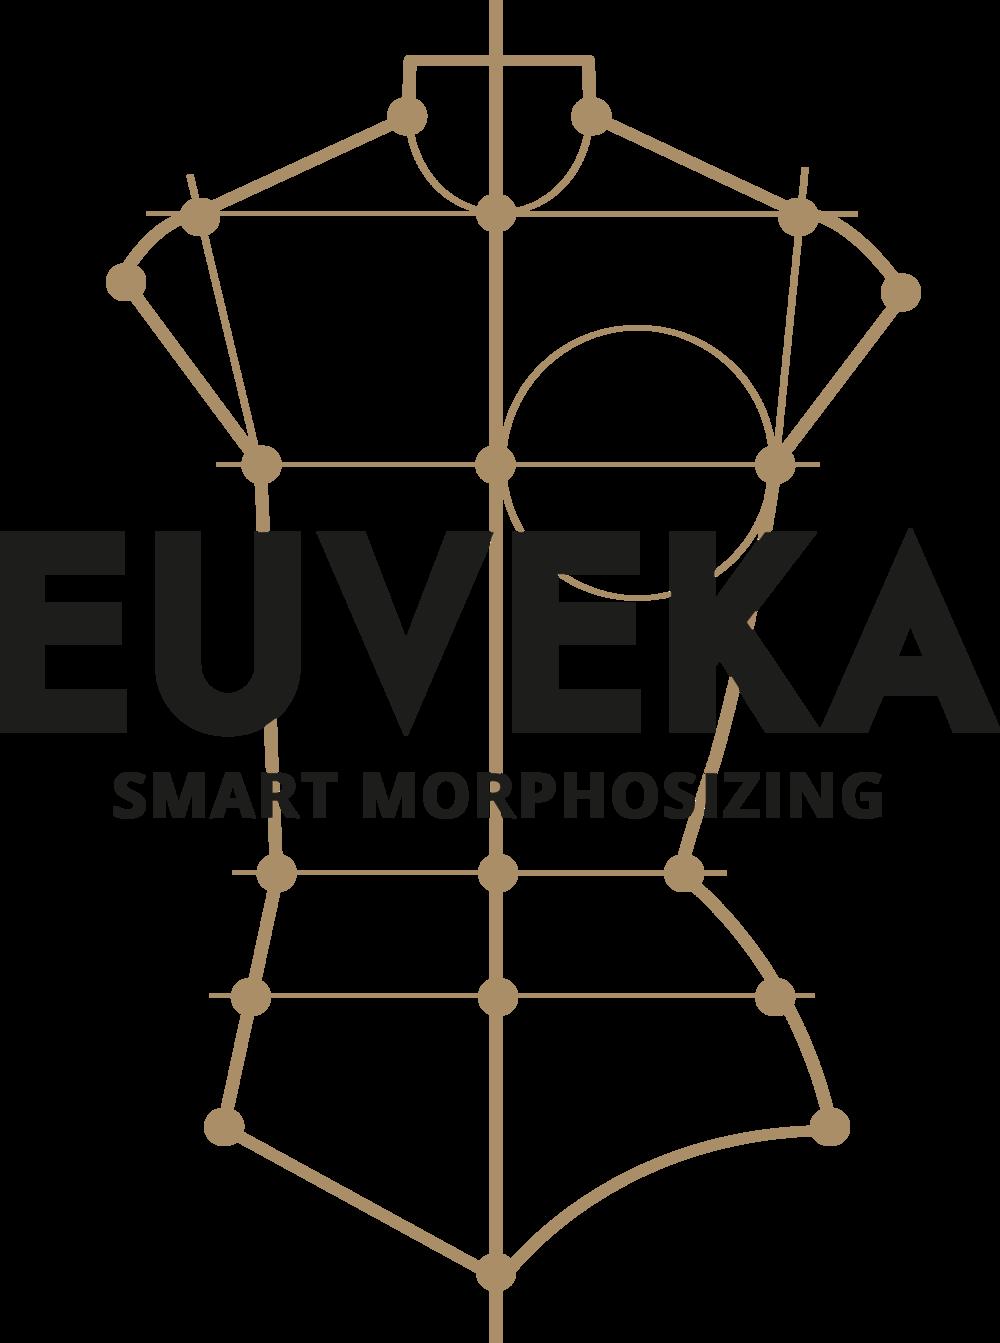 Euveka.png